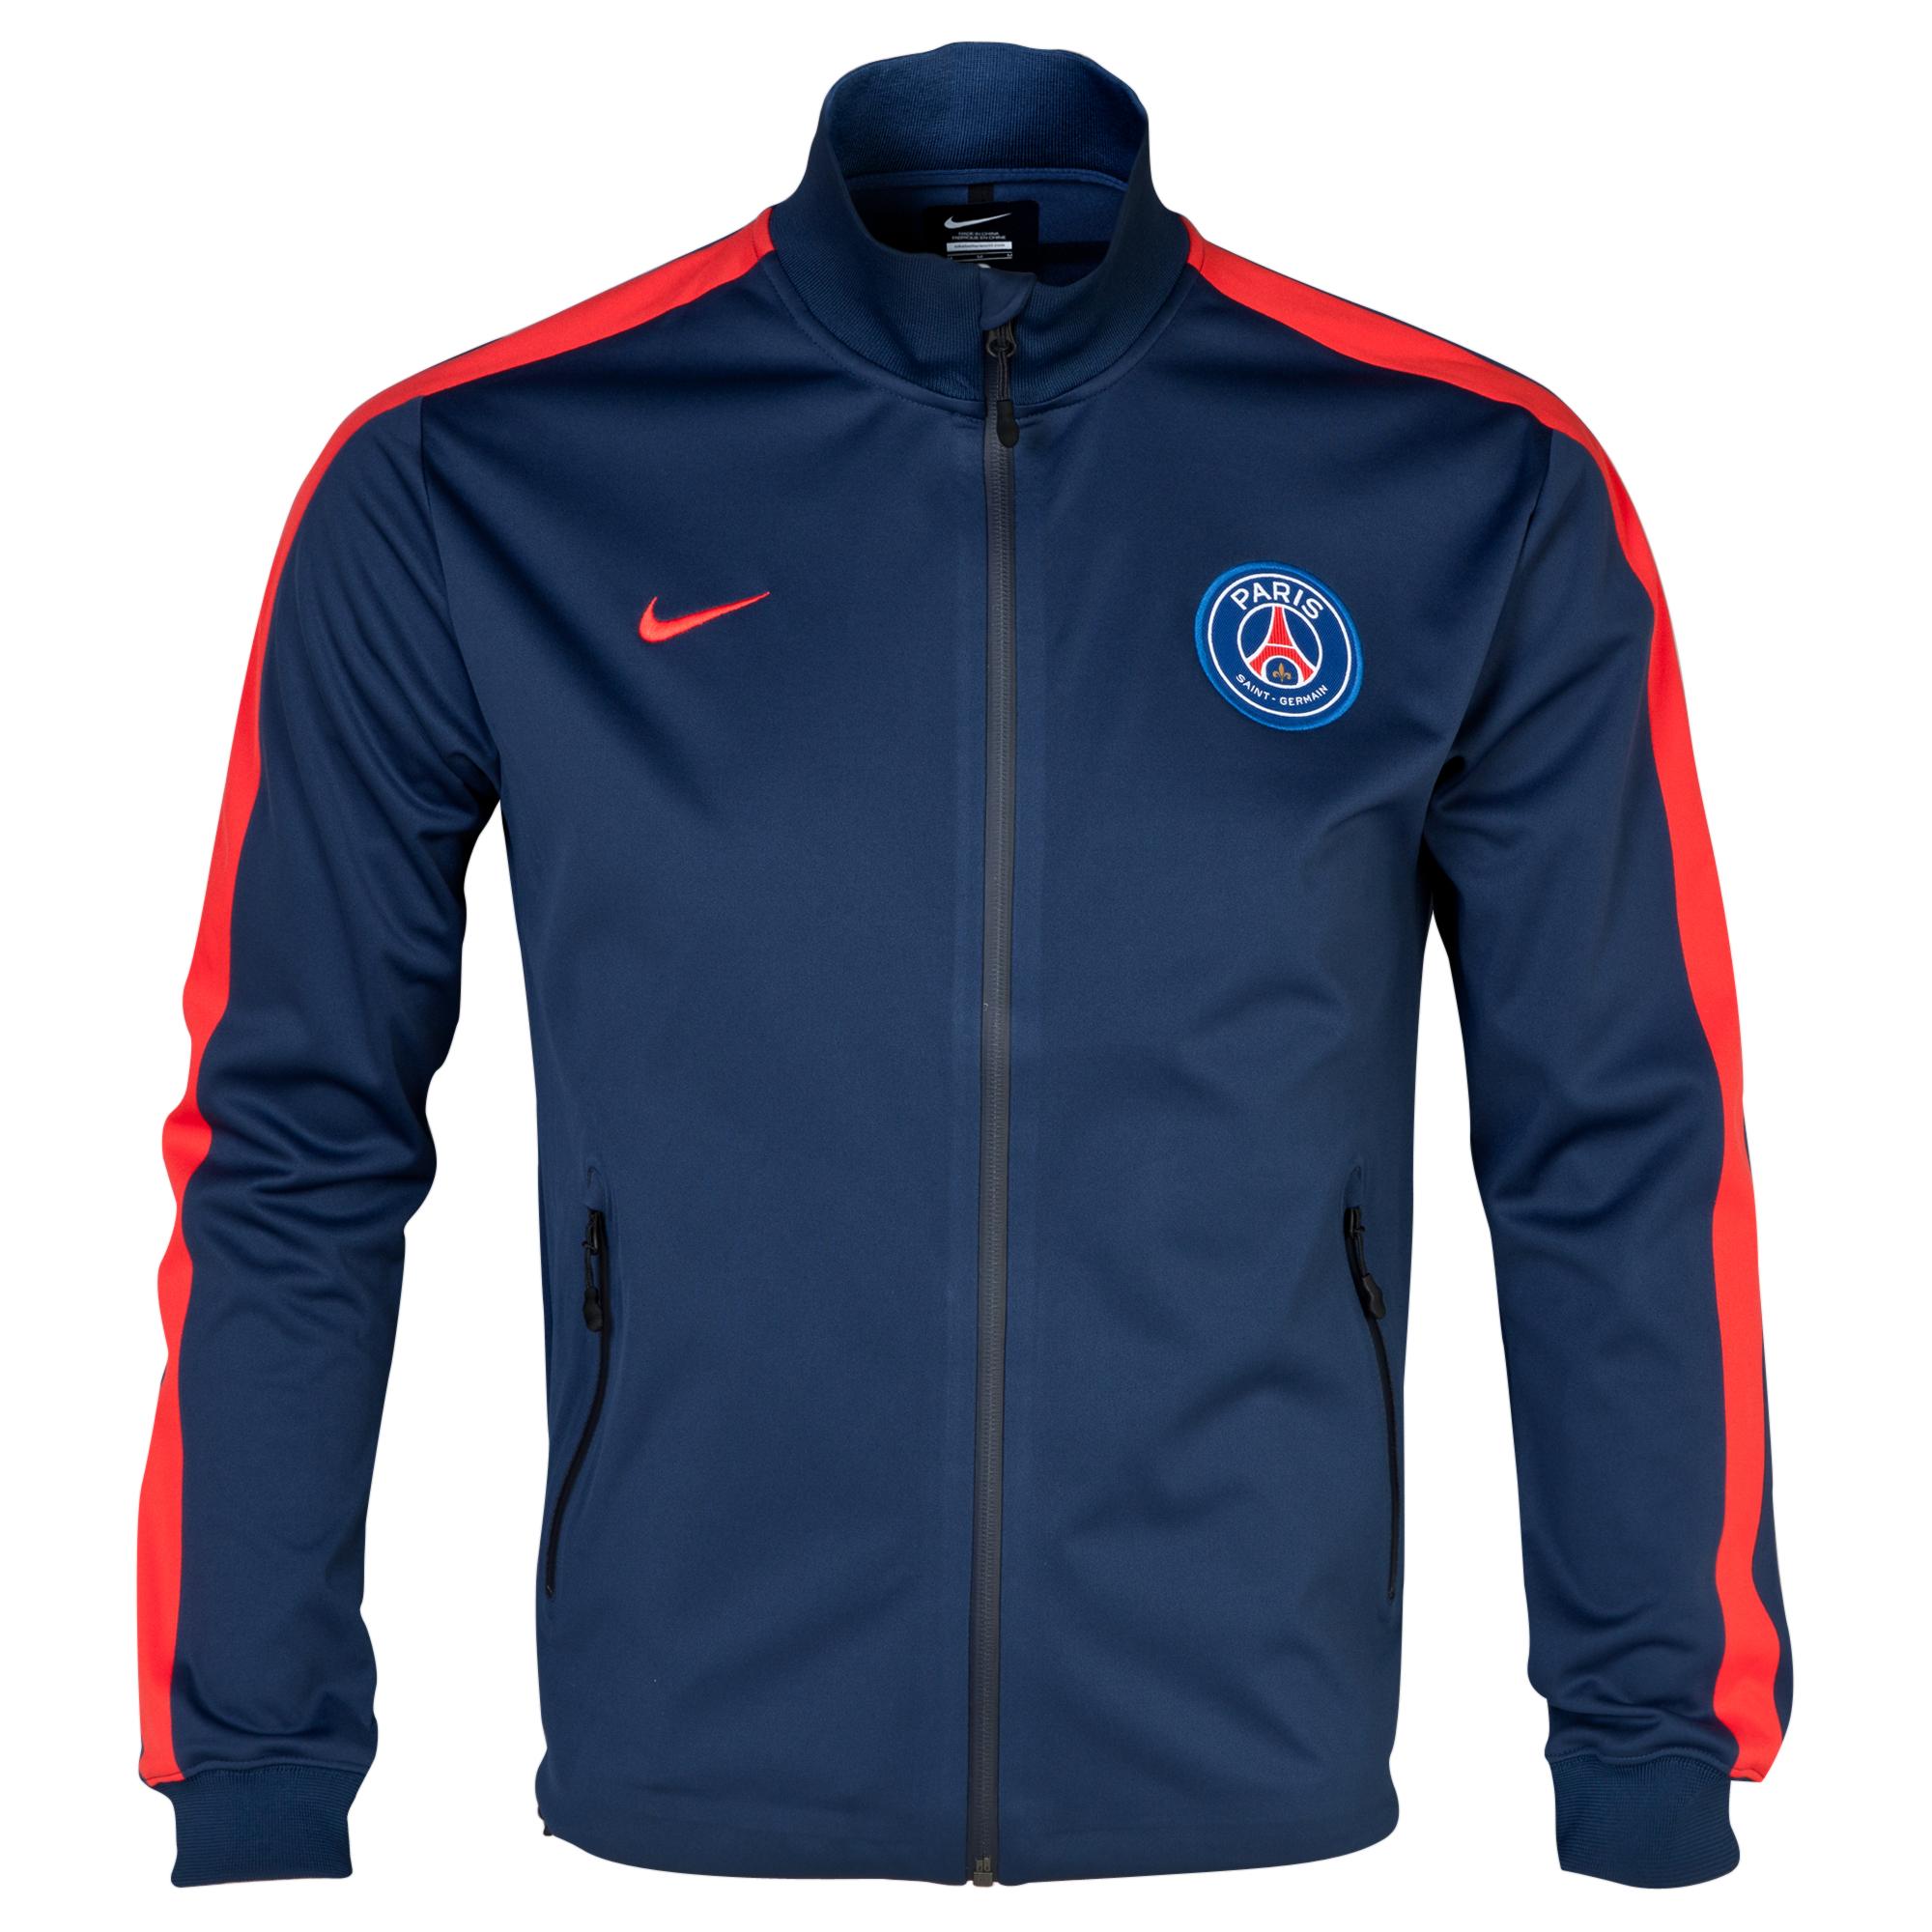 Paris Saint-Germain Authentic UEFA Champions League N98 Jacket Navy